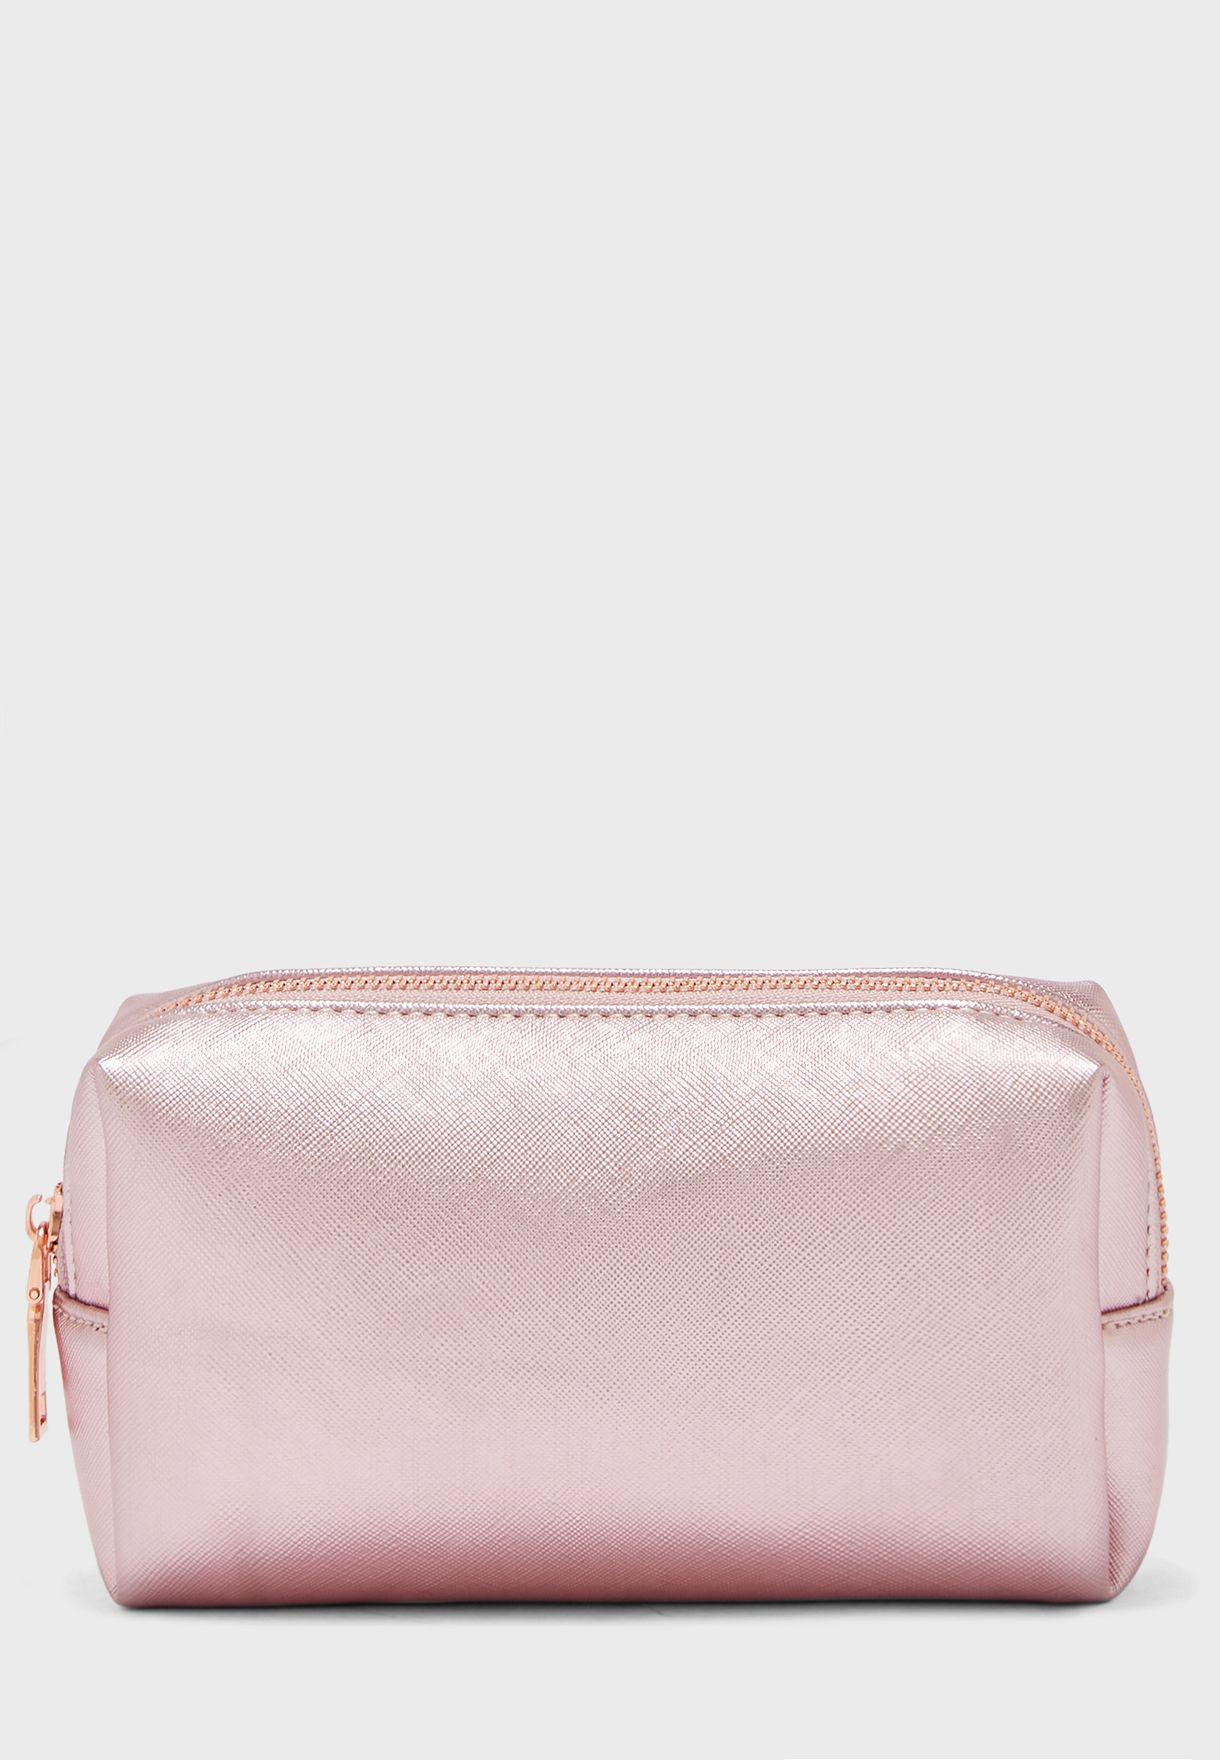 Pink Metallic Crosshatch Cosmetic Bag